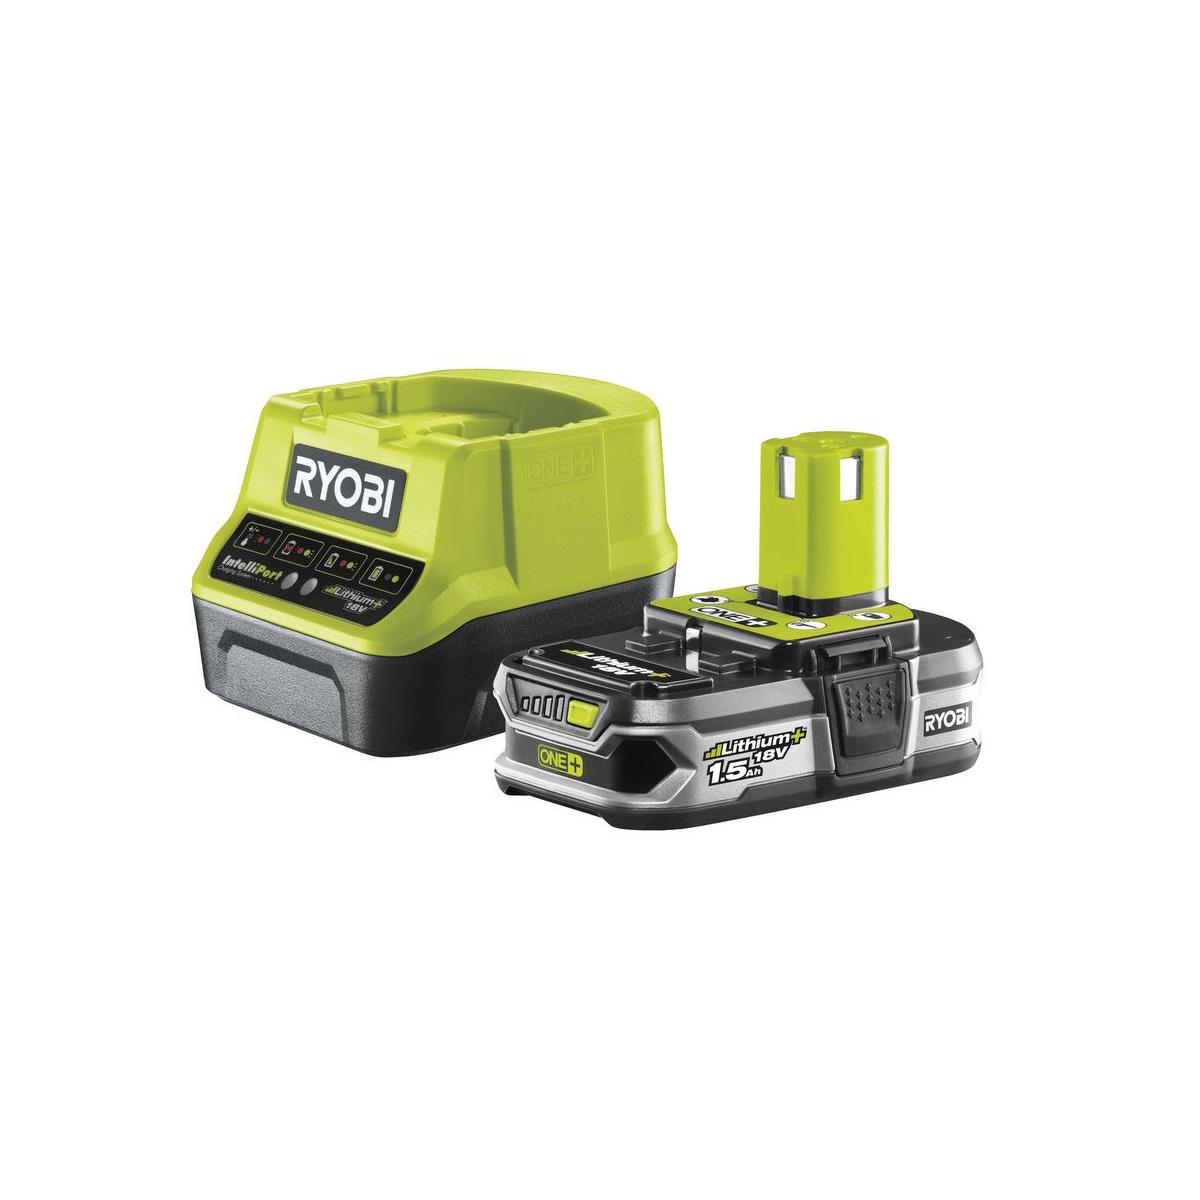 Ryobi RC18120-115sada 18 V lithium iontová baterie 1,5 Ah s nabíječkou RC18120 ONE+